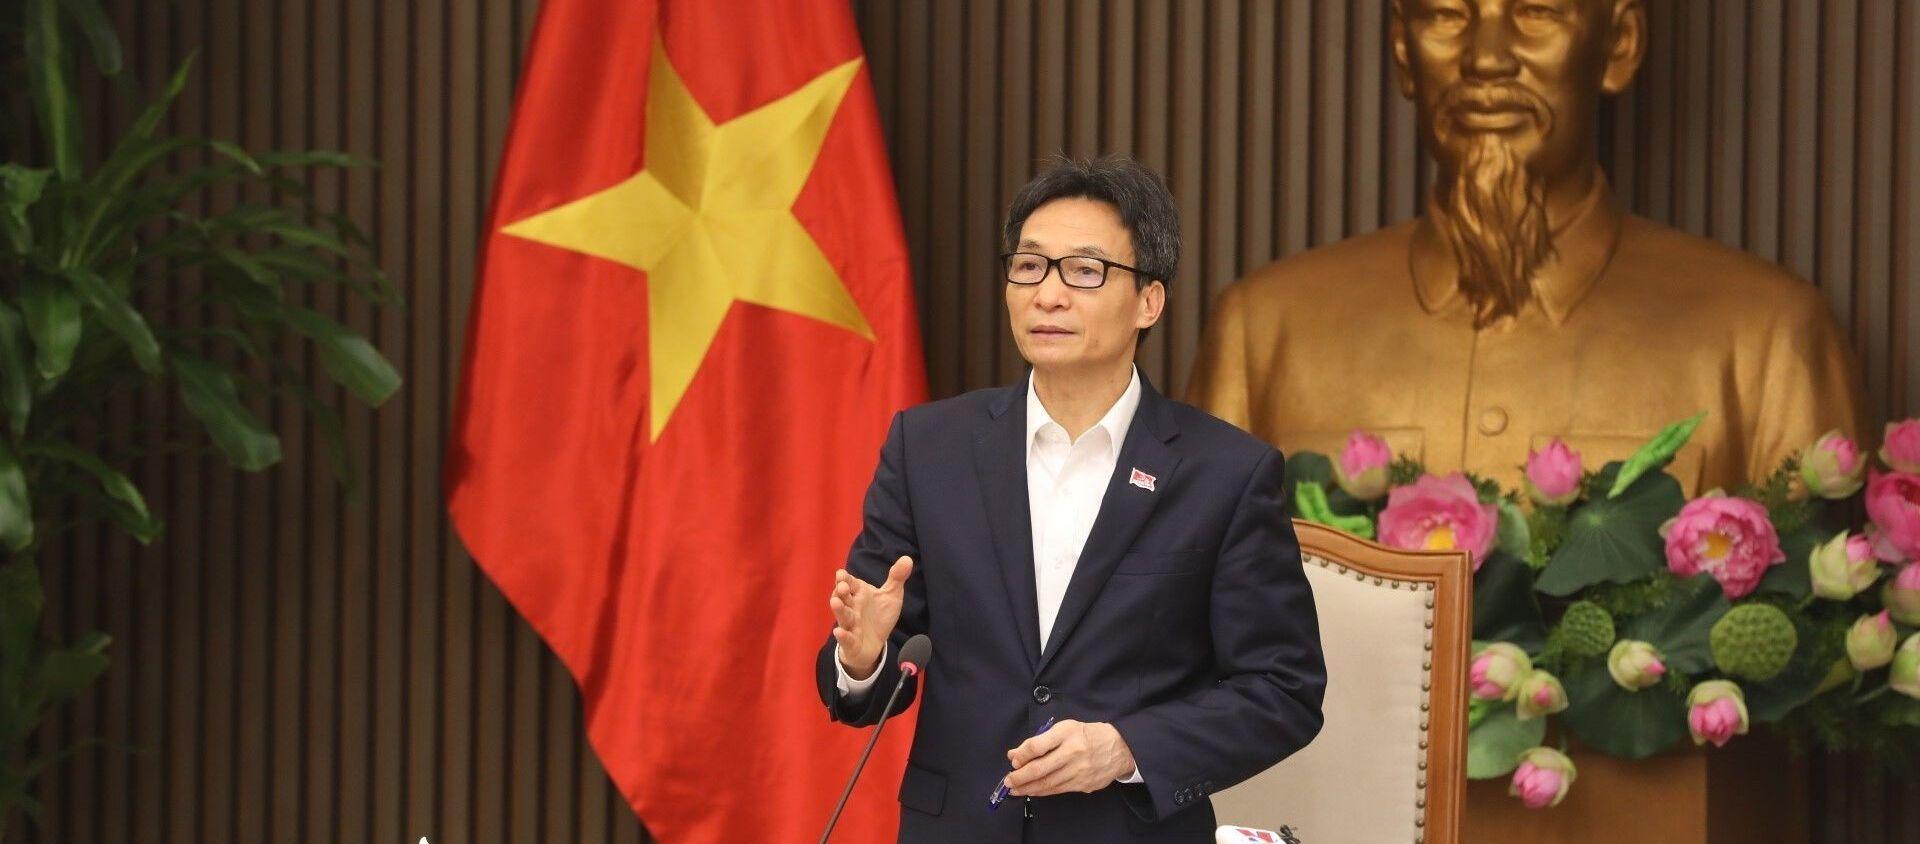 Phó Thủ tướng Vũ Đức Đam phát biểu chỉ đạo. - Sputnik Việt Nam, 1920, 02.04.2021